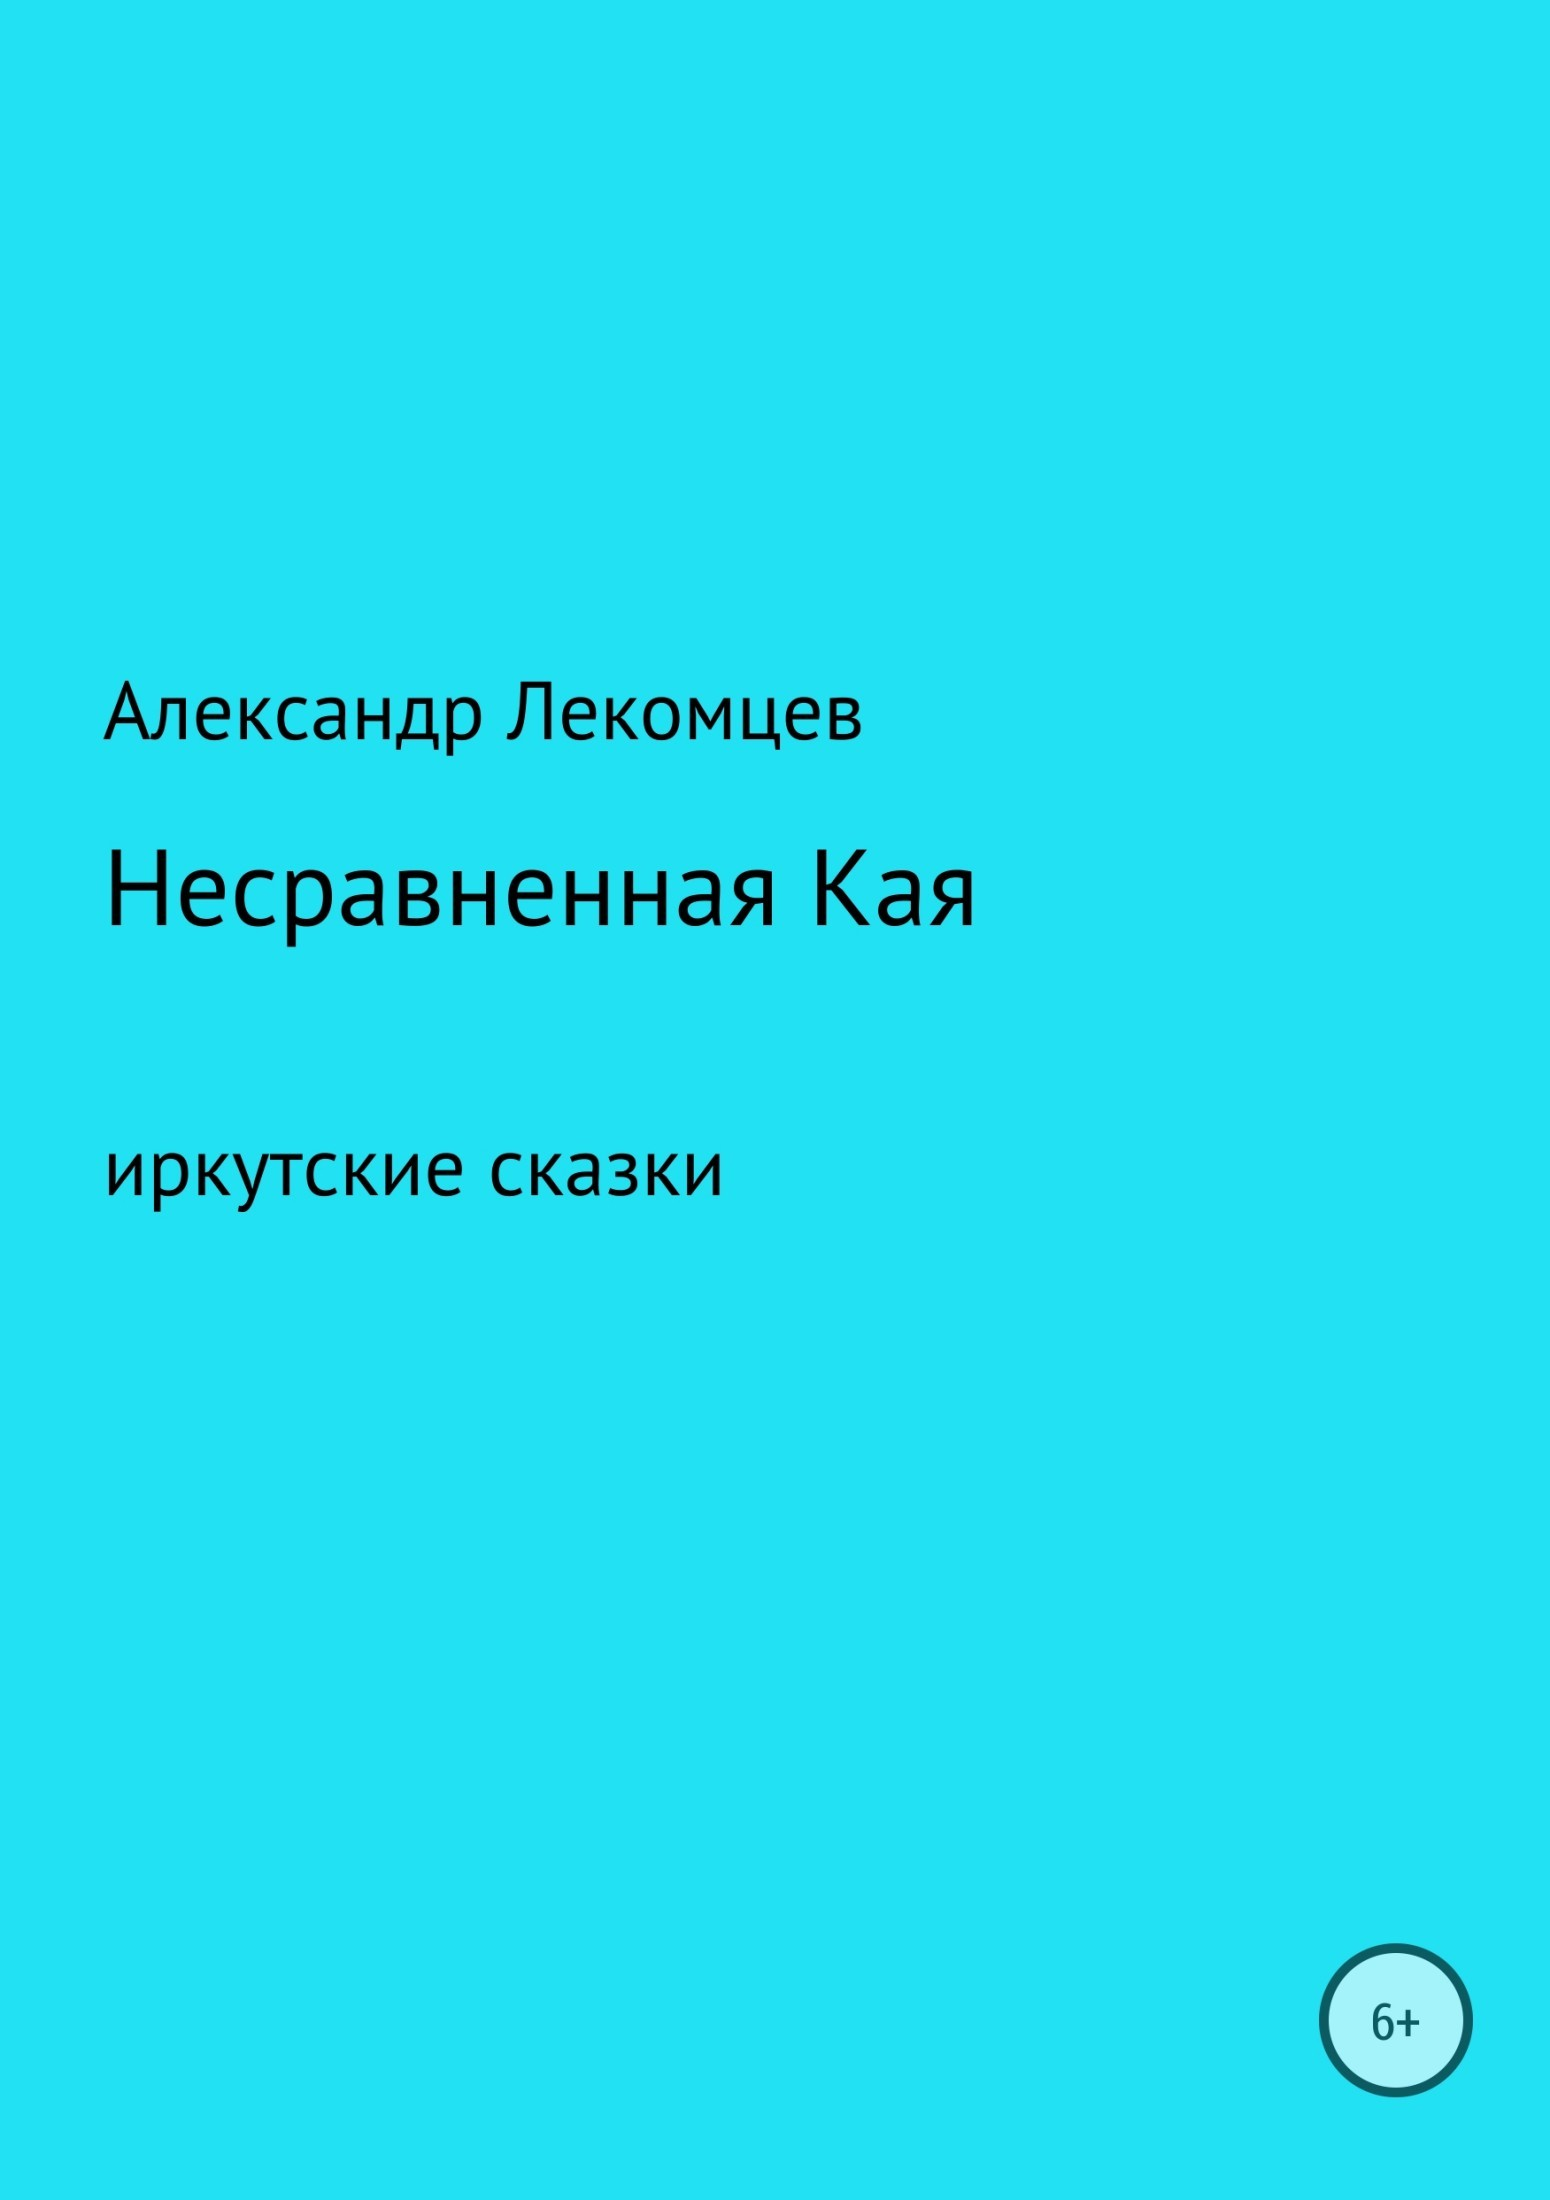 Александр Лекомцев - Несравненная Кая. Сборник